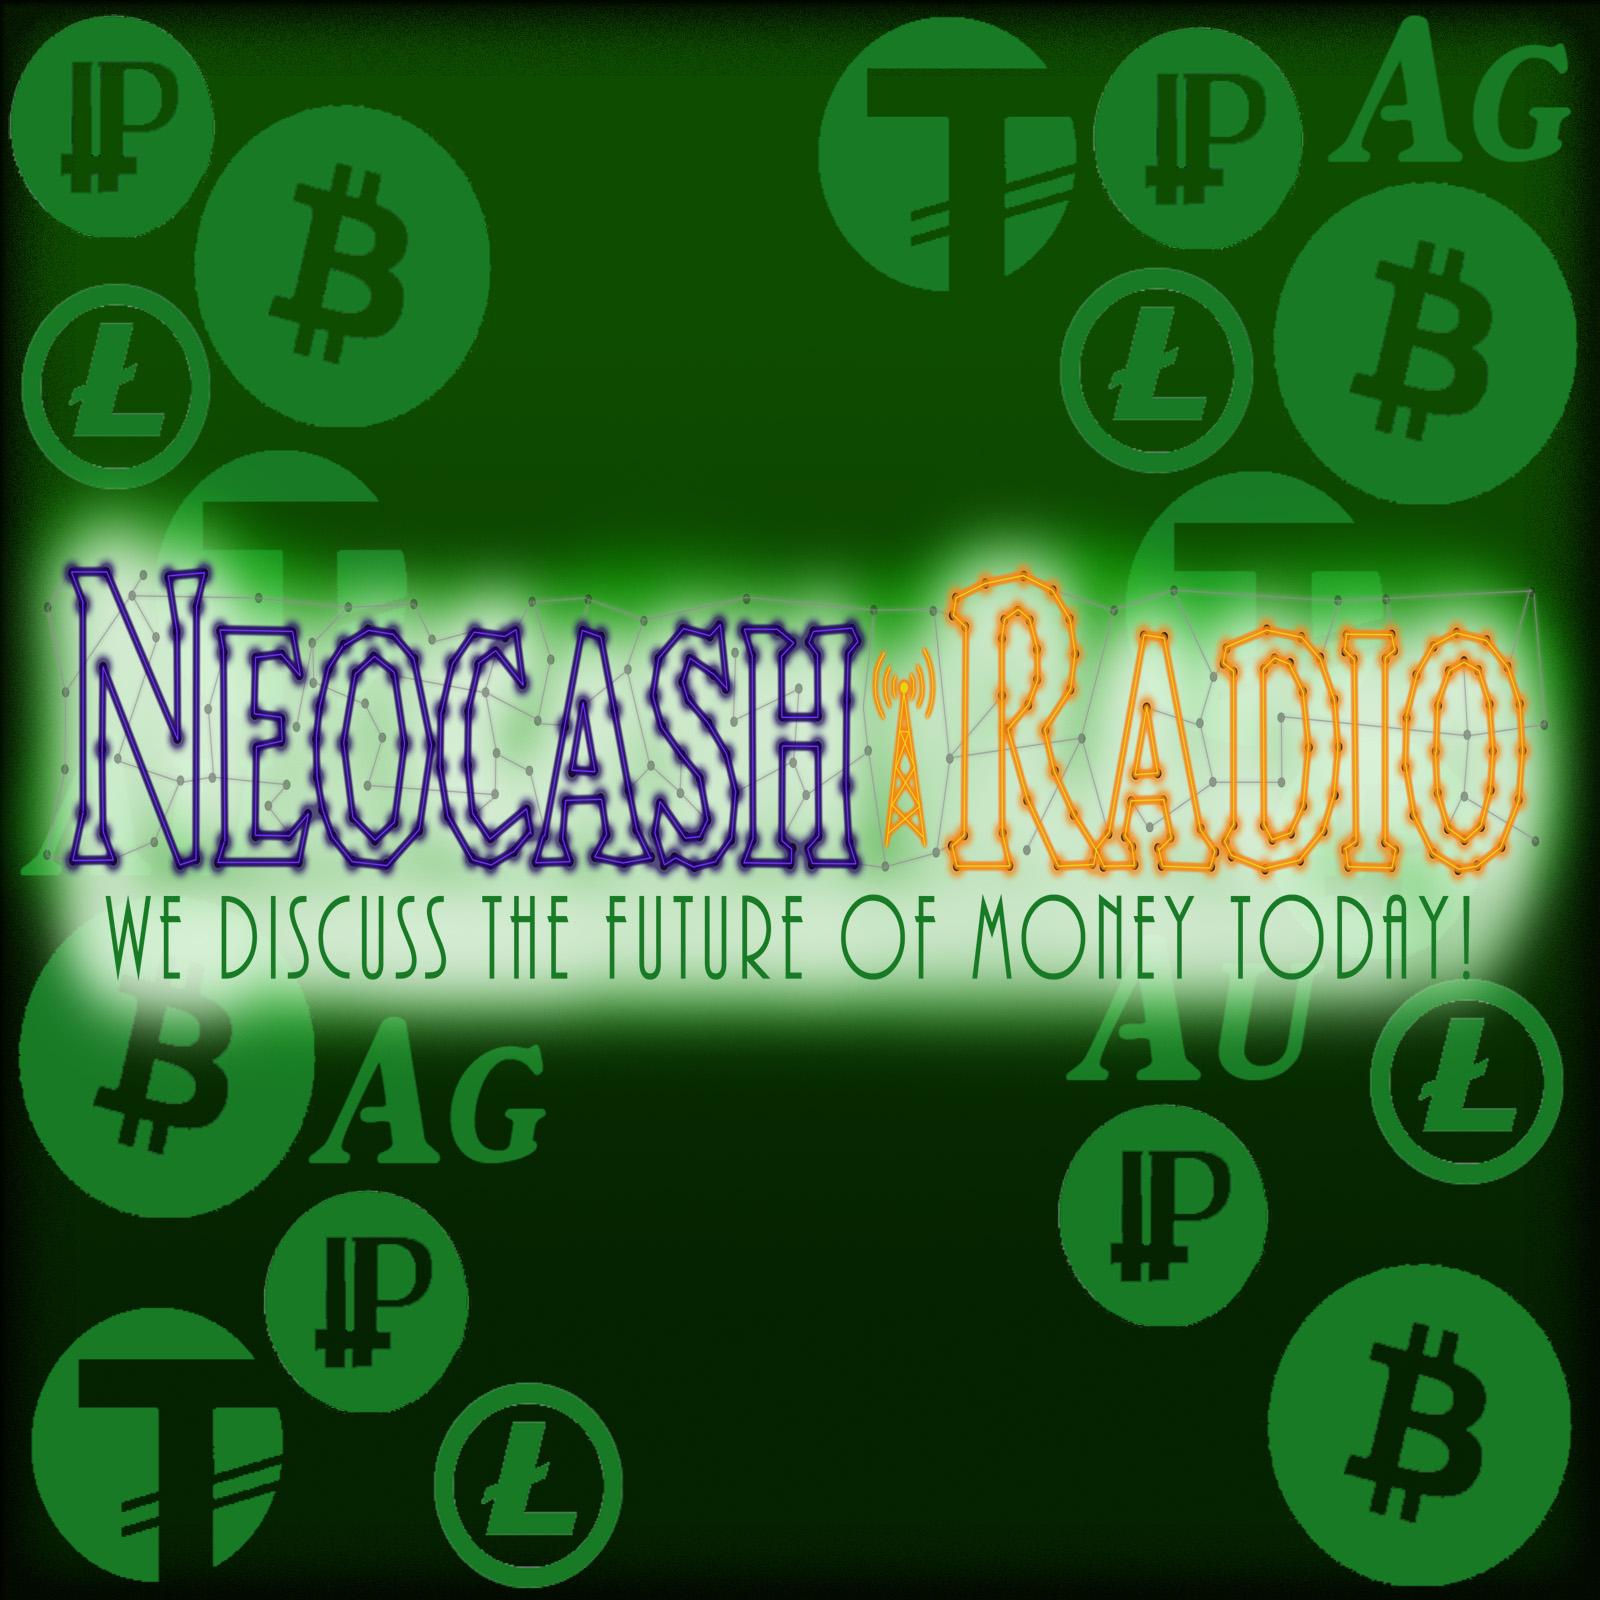 Neocash Radio - Episode 136